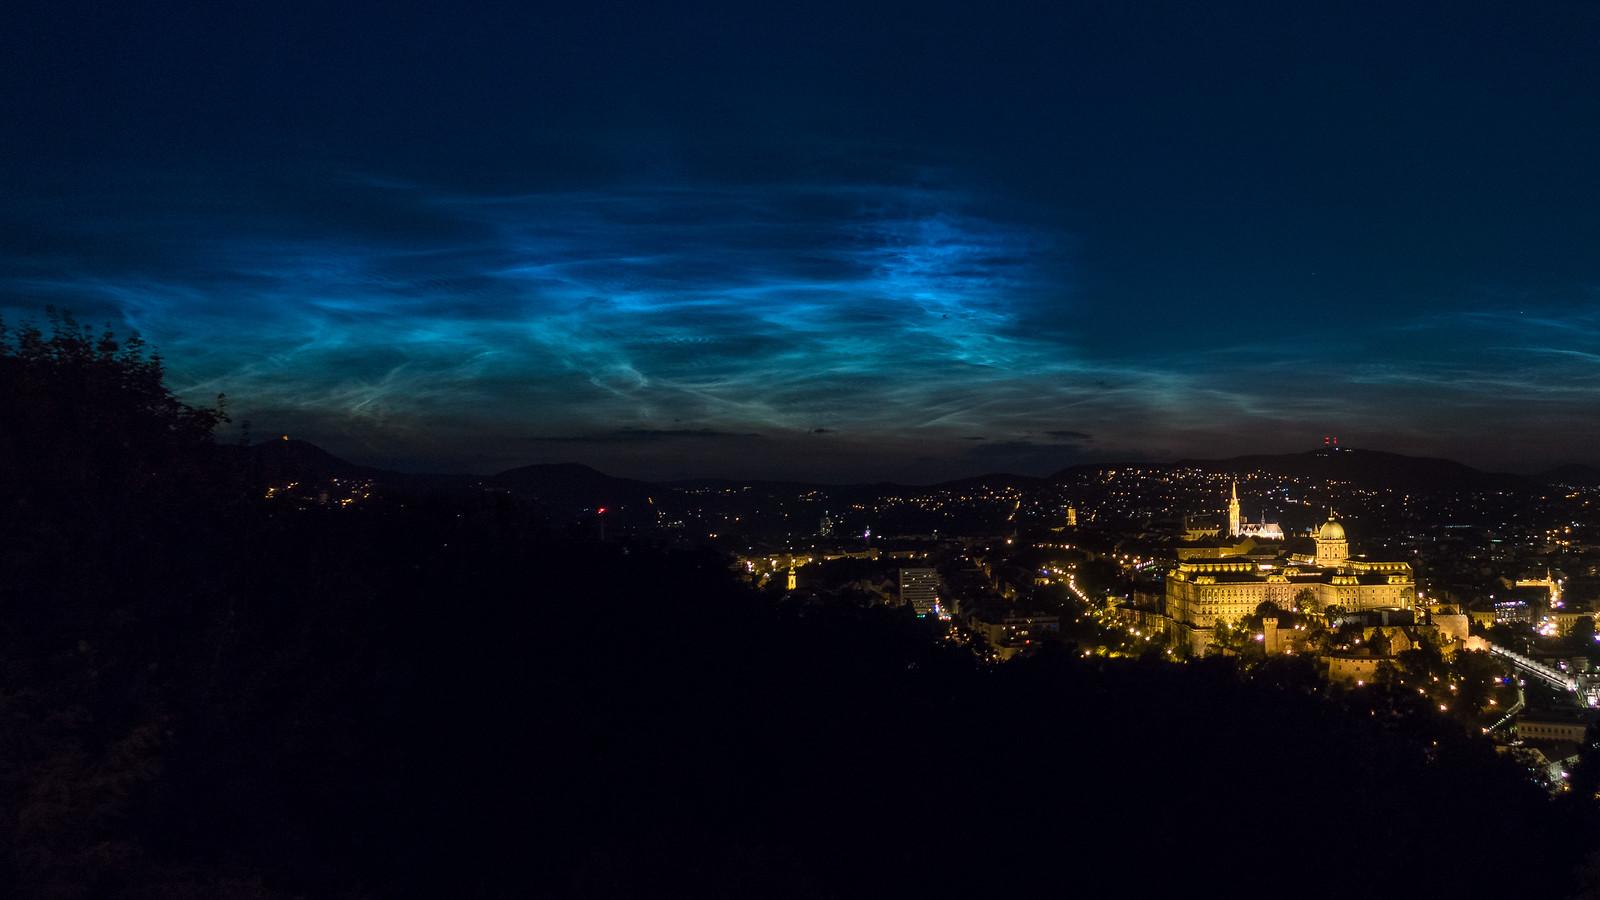 éjszakai világító felhők a Budai Vár felett